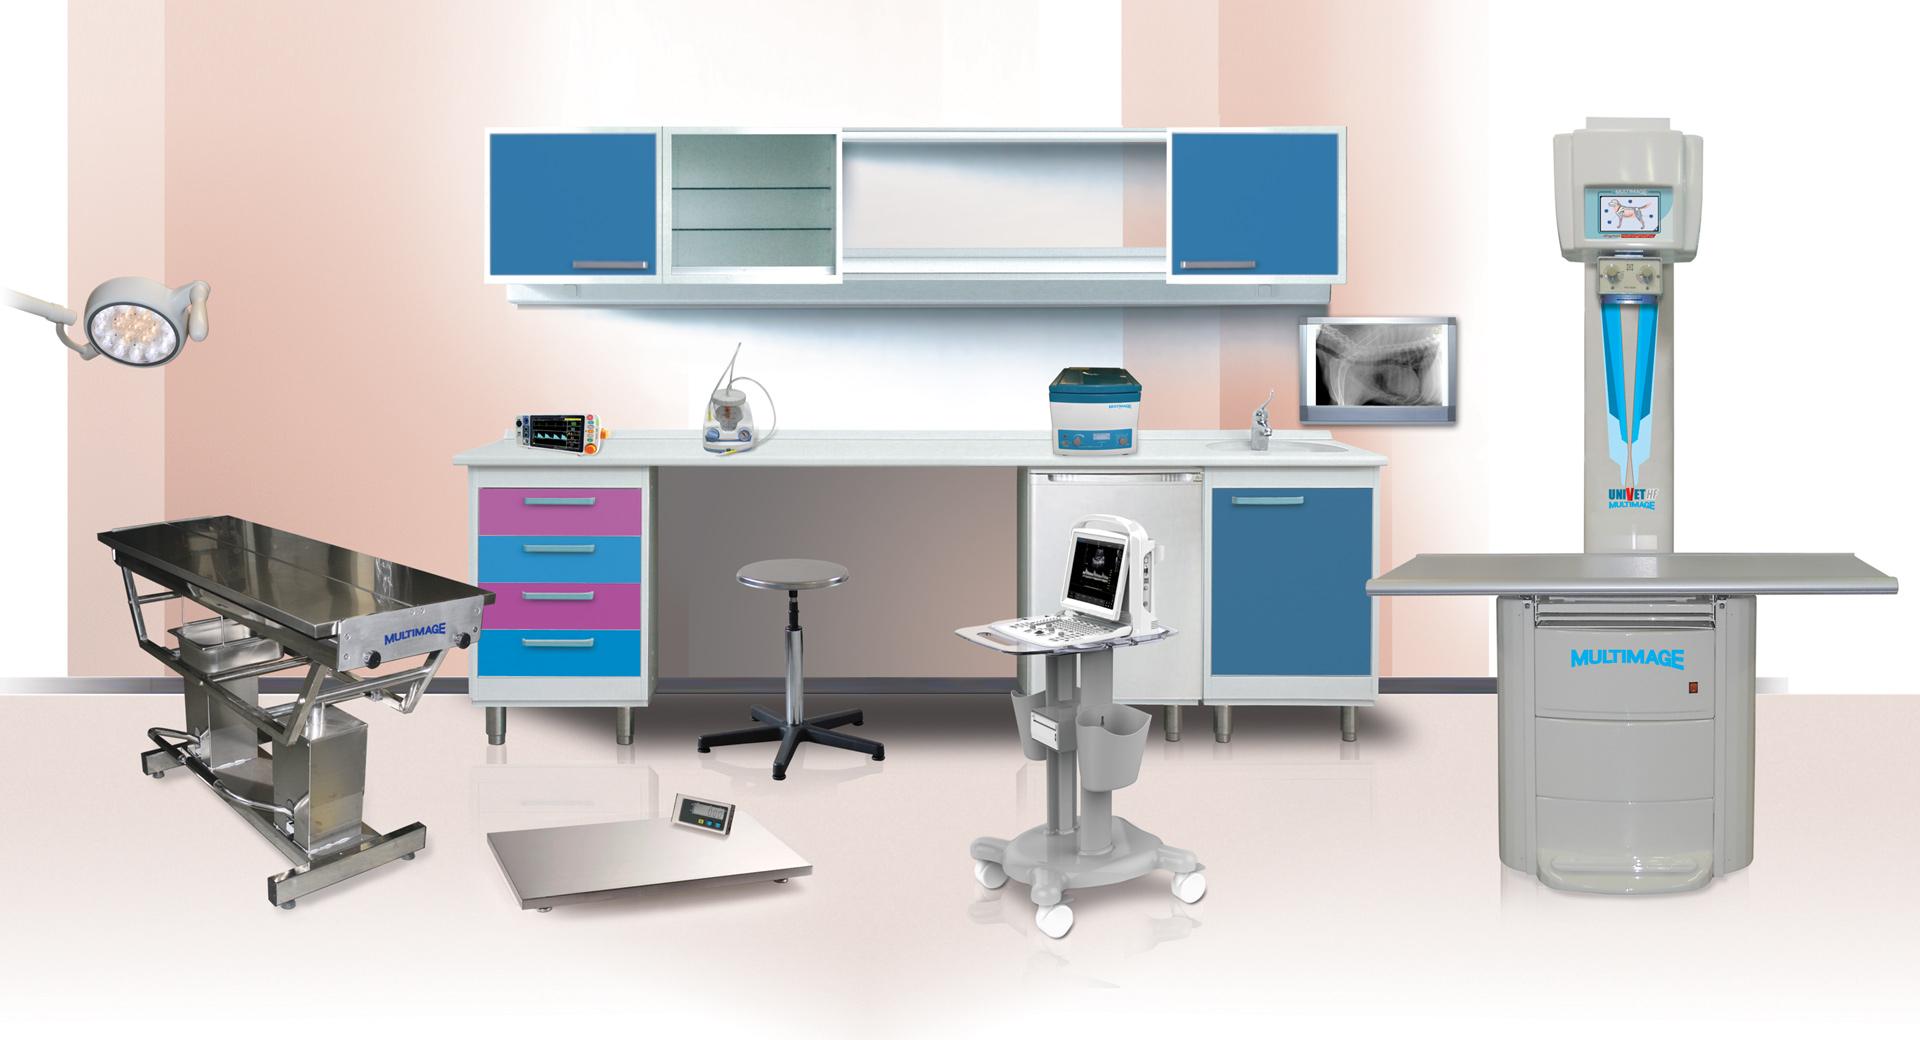 apparecchiature radiologiche ed elettromedicali per veterinaria